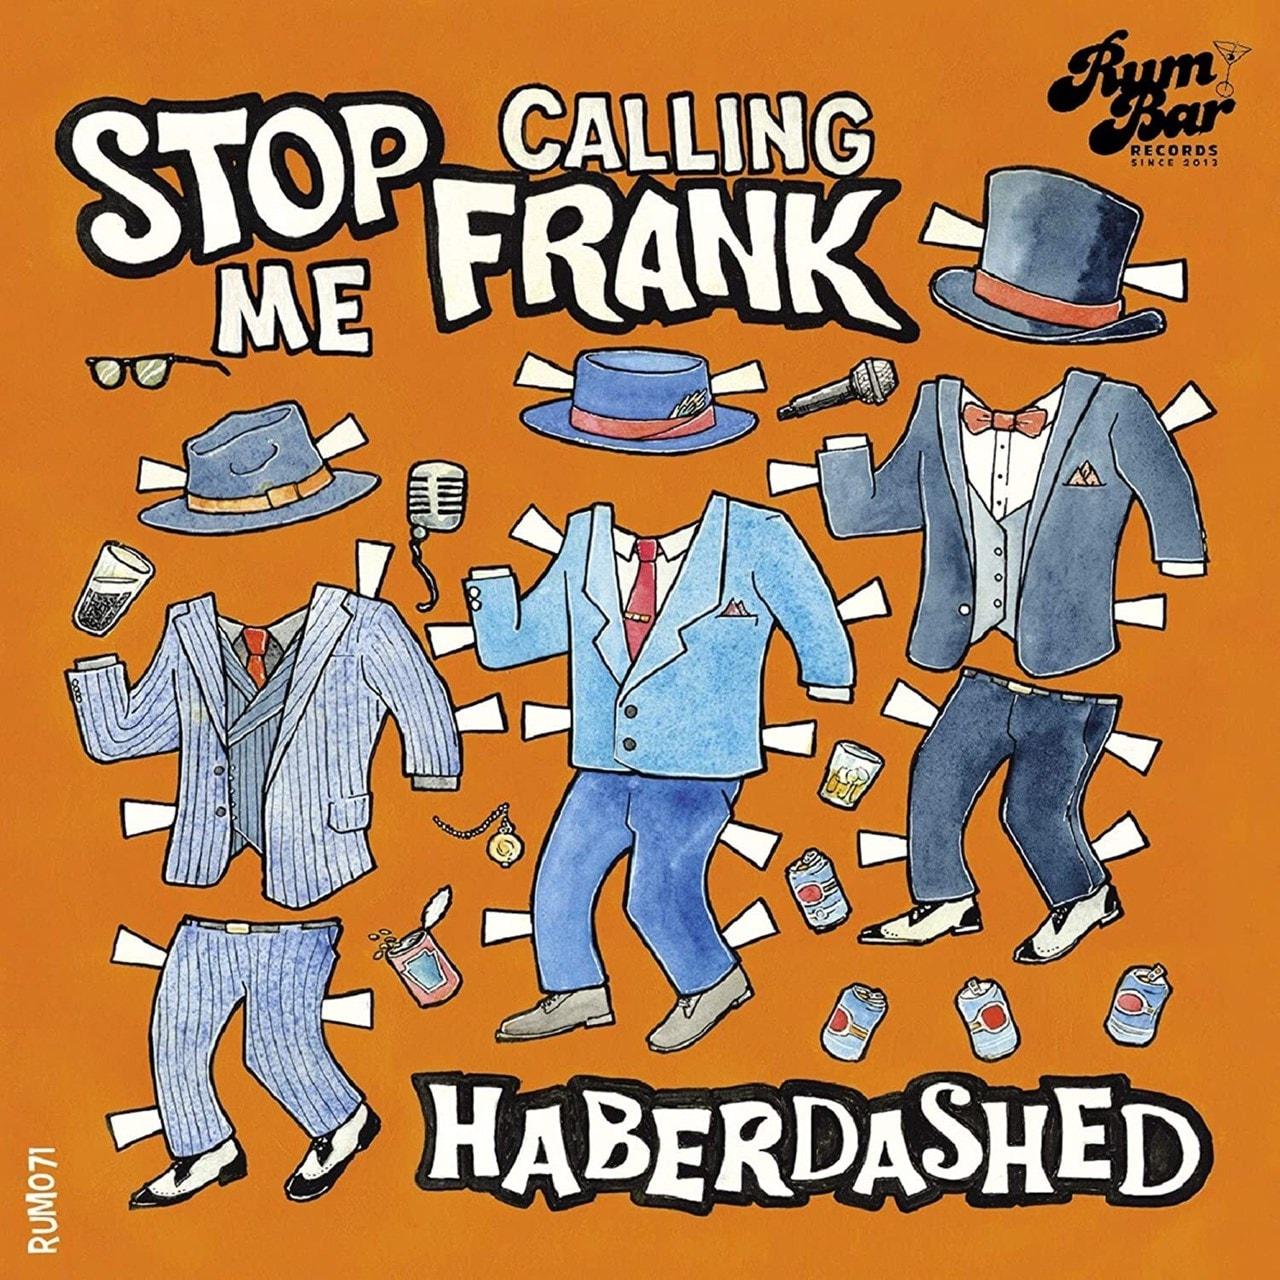 Haberdashed - 1